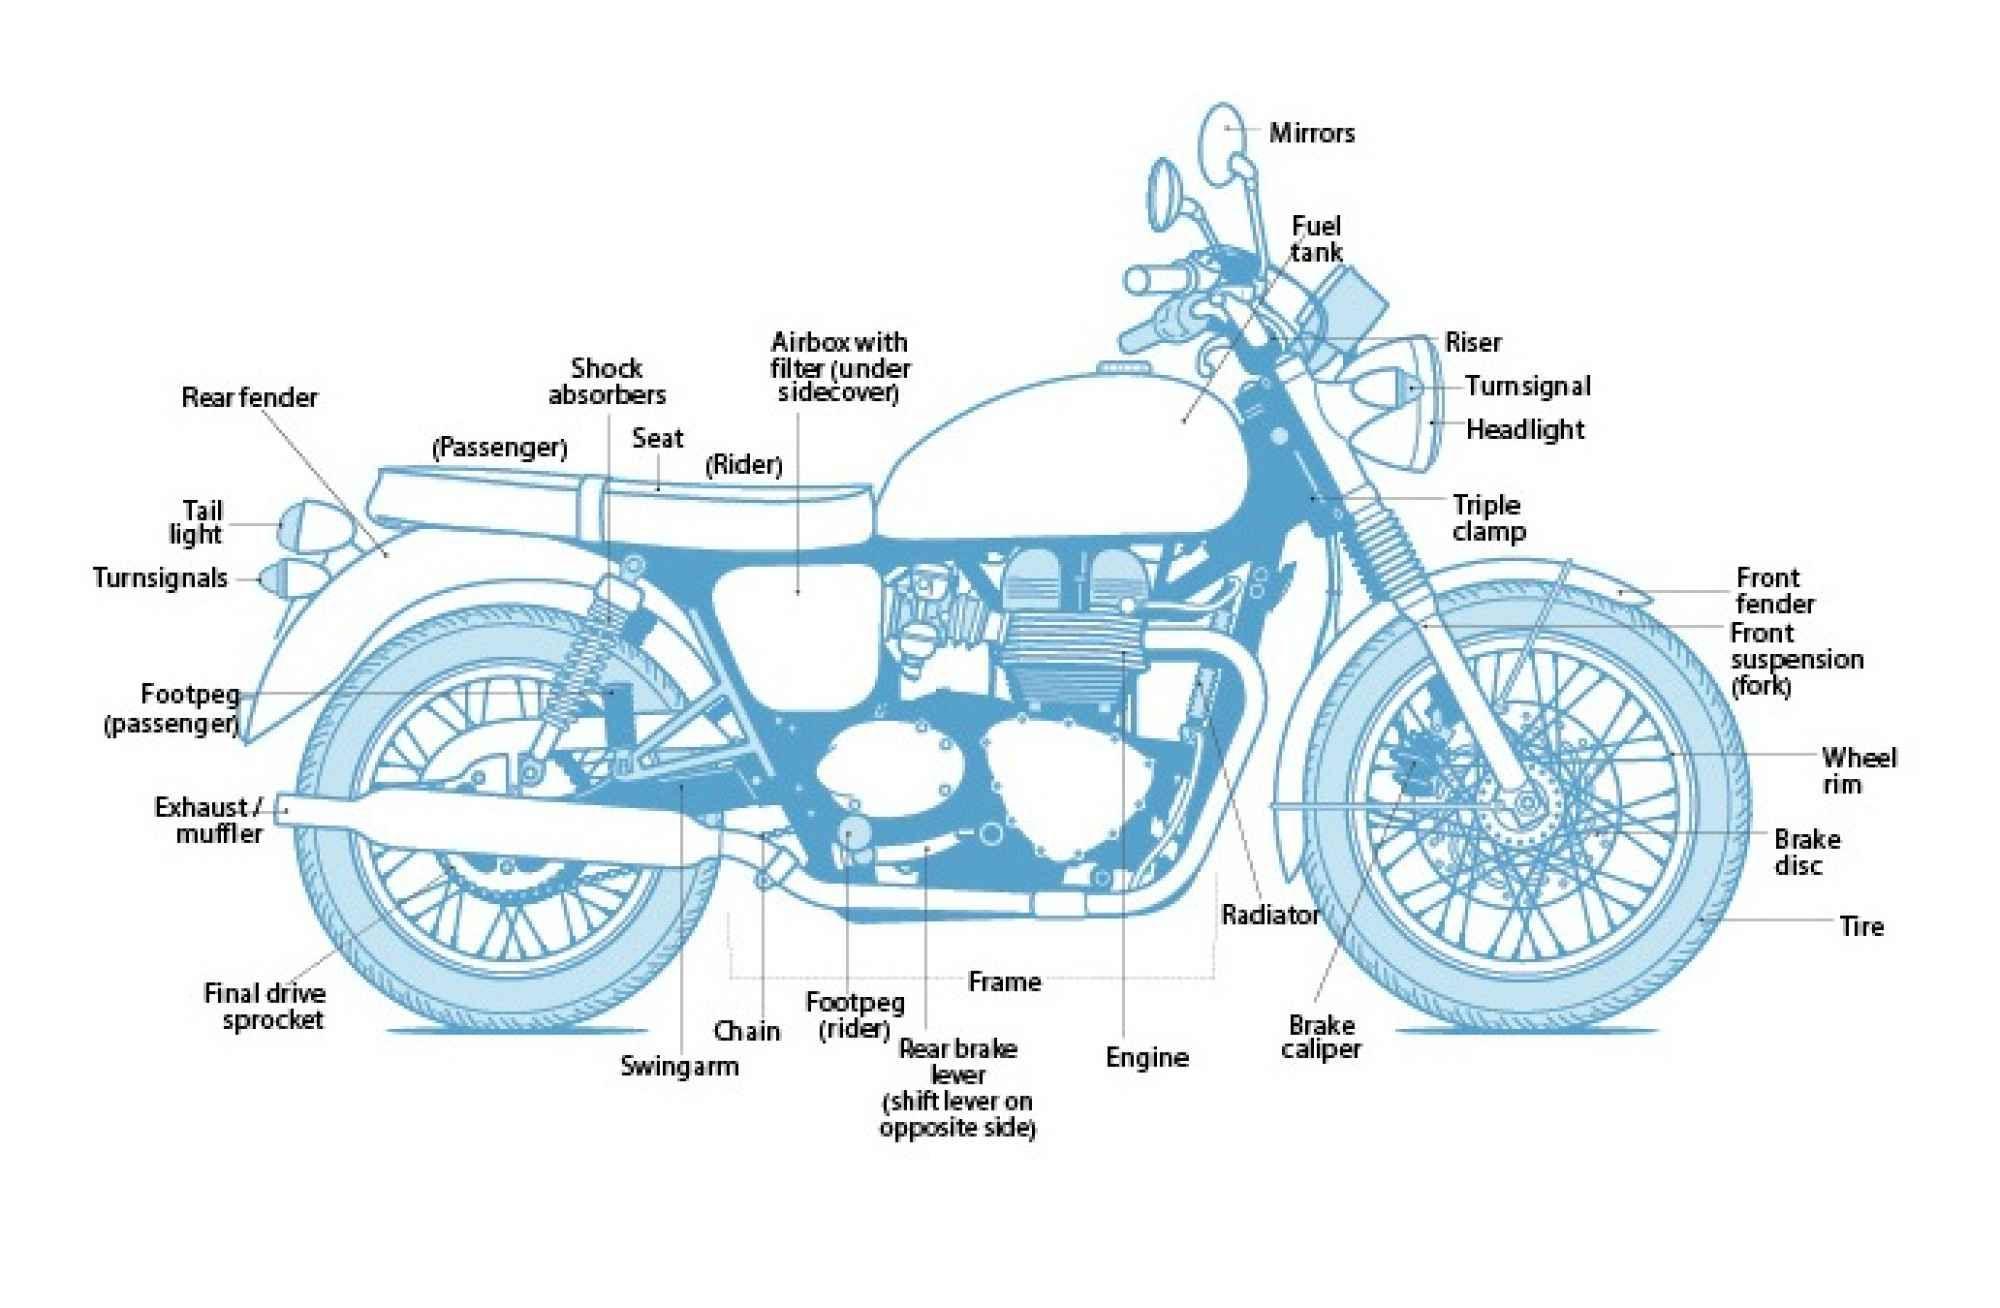 motorcycle diagram motorcycles motorcycle motorcycle parts harley davidson motorcycle microfiche harley davidson motorcycle diagrams [ 2000 x 1308 Pixel ]